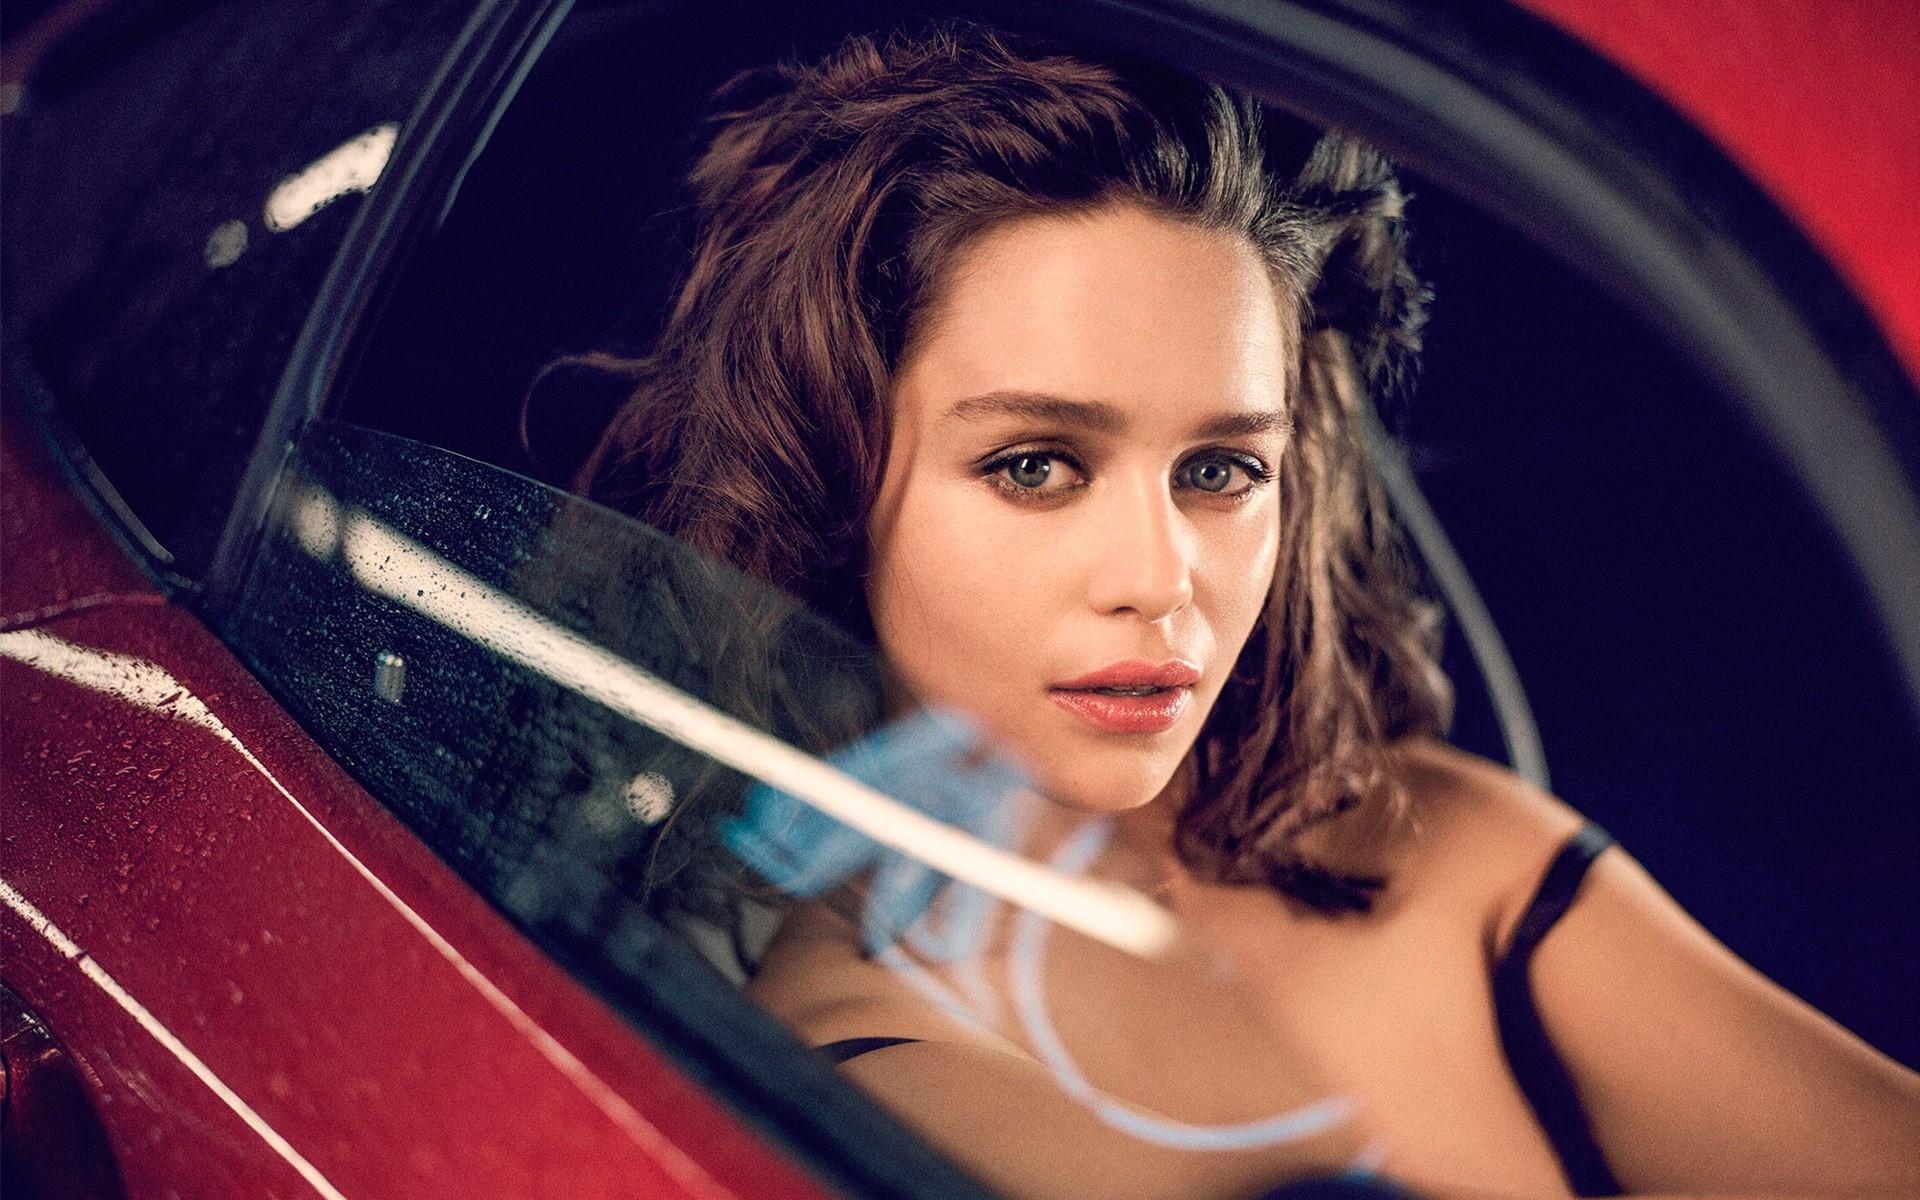 Top 10 beautiful women in the World, Emilia Clarke